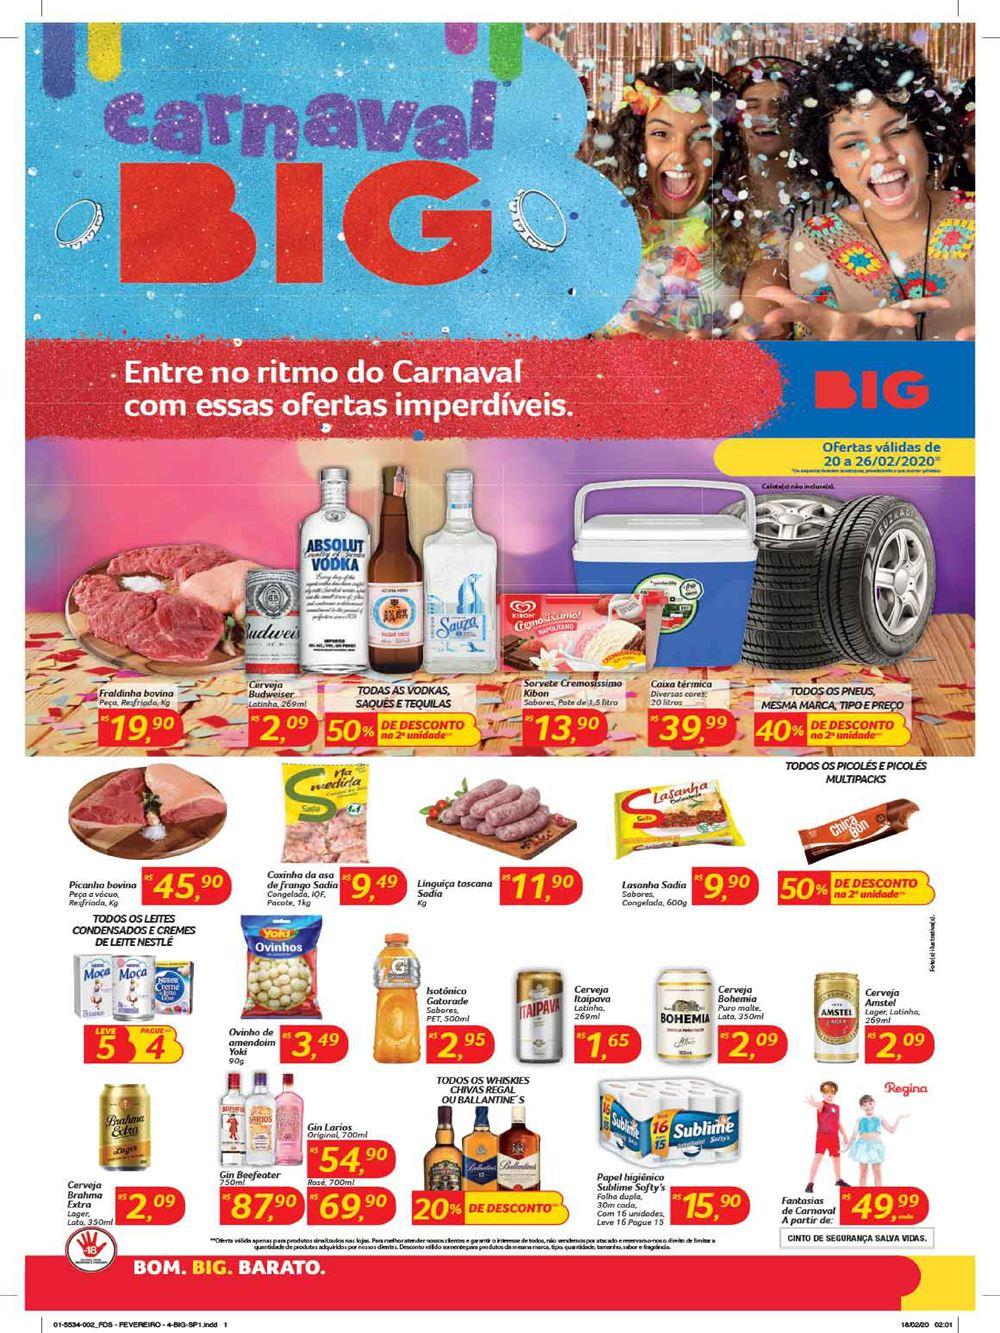 big-Ofertas-carnaval1 Ofertas de supermercados - Hoje